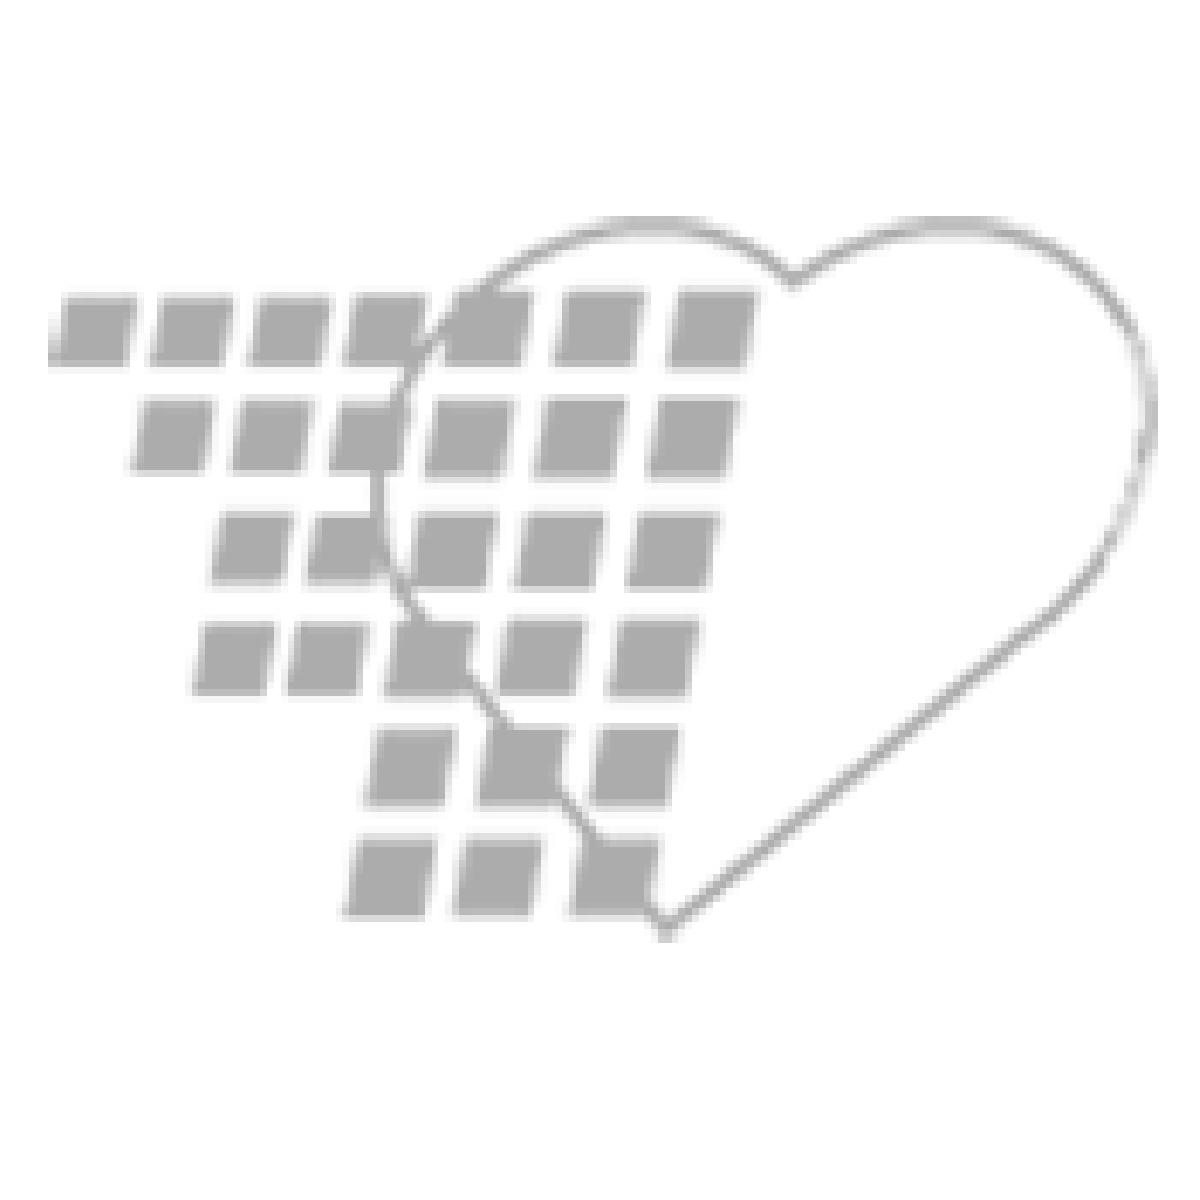 06-93-0076 - Demo Dose® Flomx 0.4 mg 100 Pills/Bottle